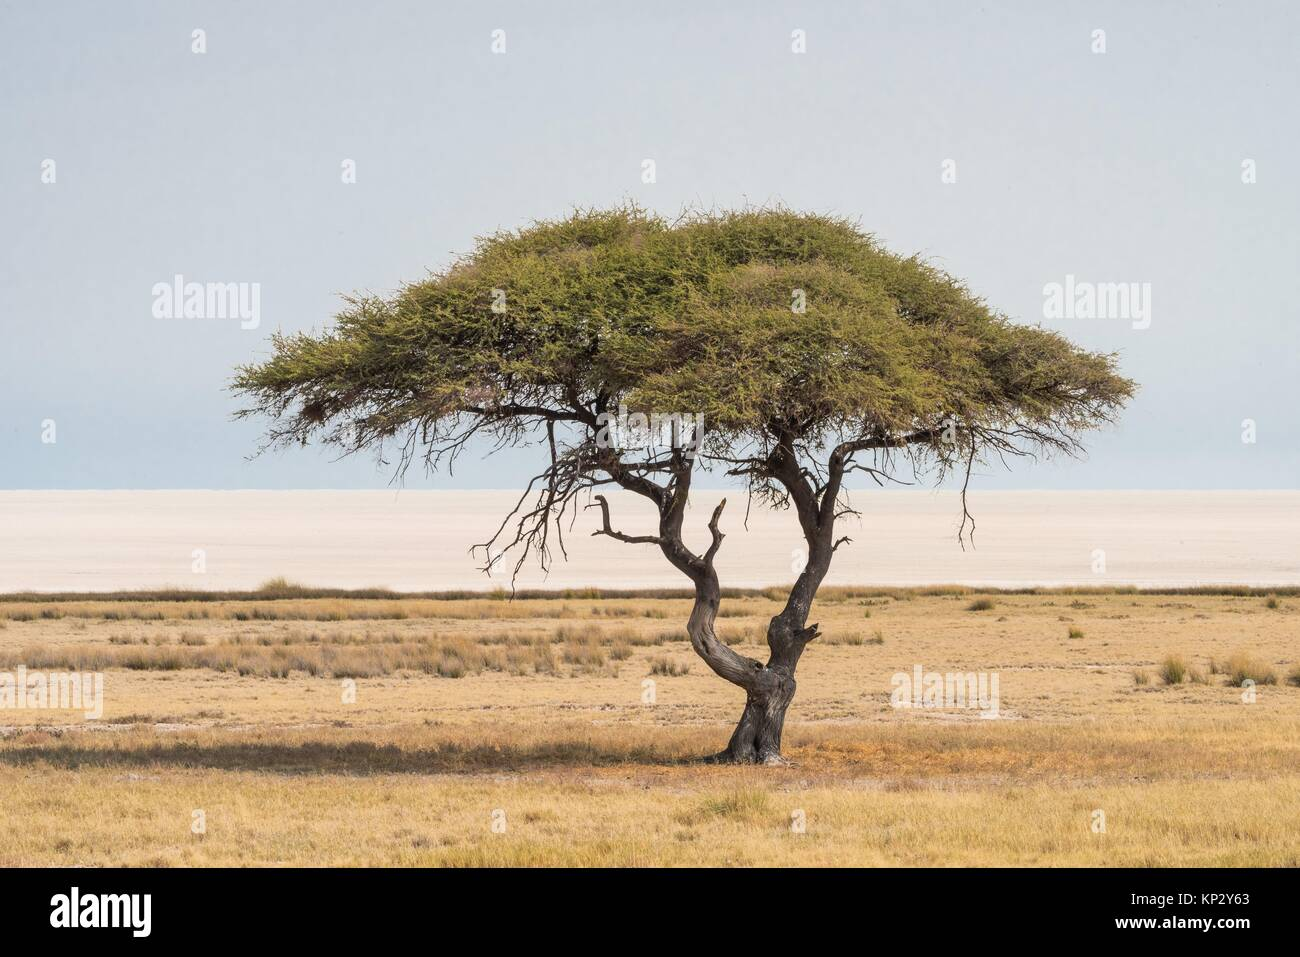 Acacia singolare (Salvadora persica). Il Parco Nazionale di Etosha. La Namibia. Africa Immagini Stock